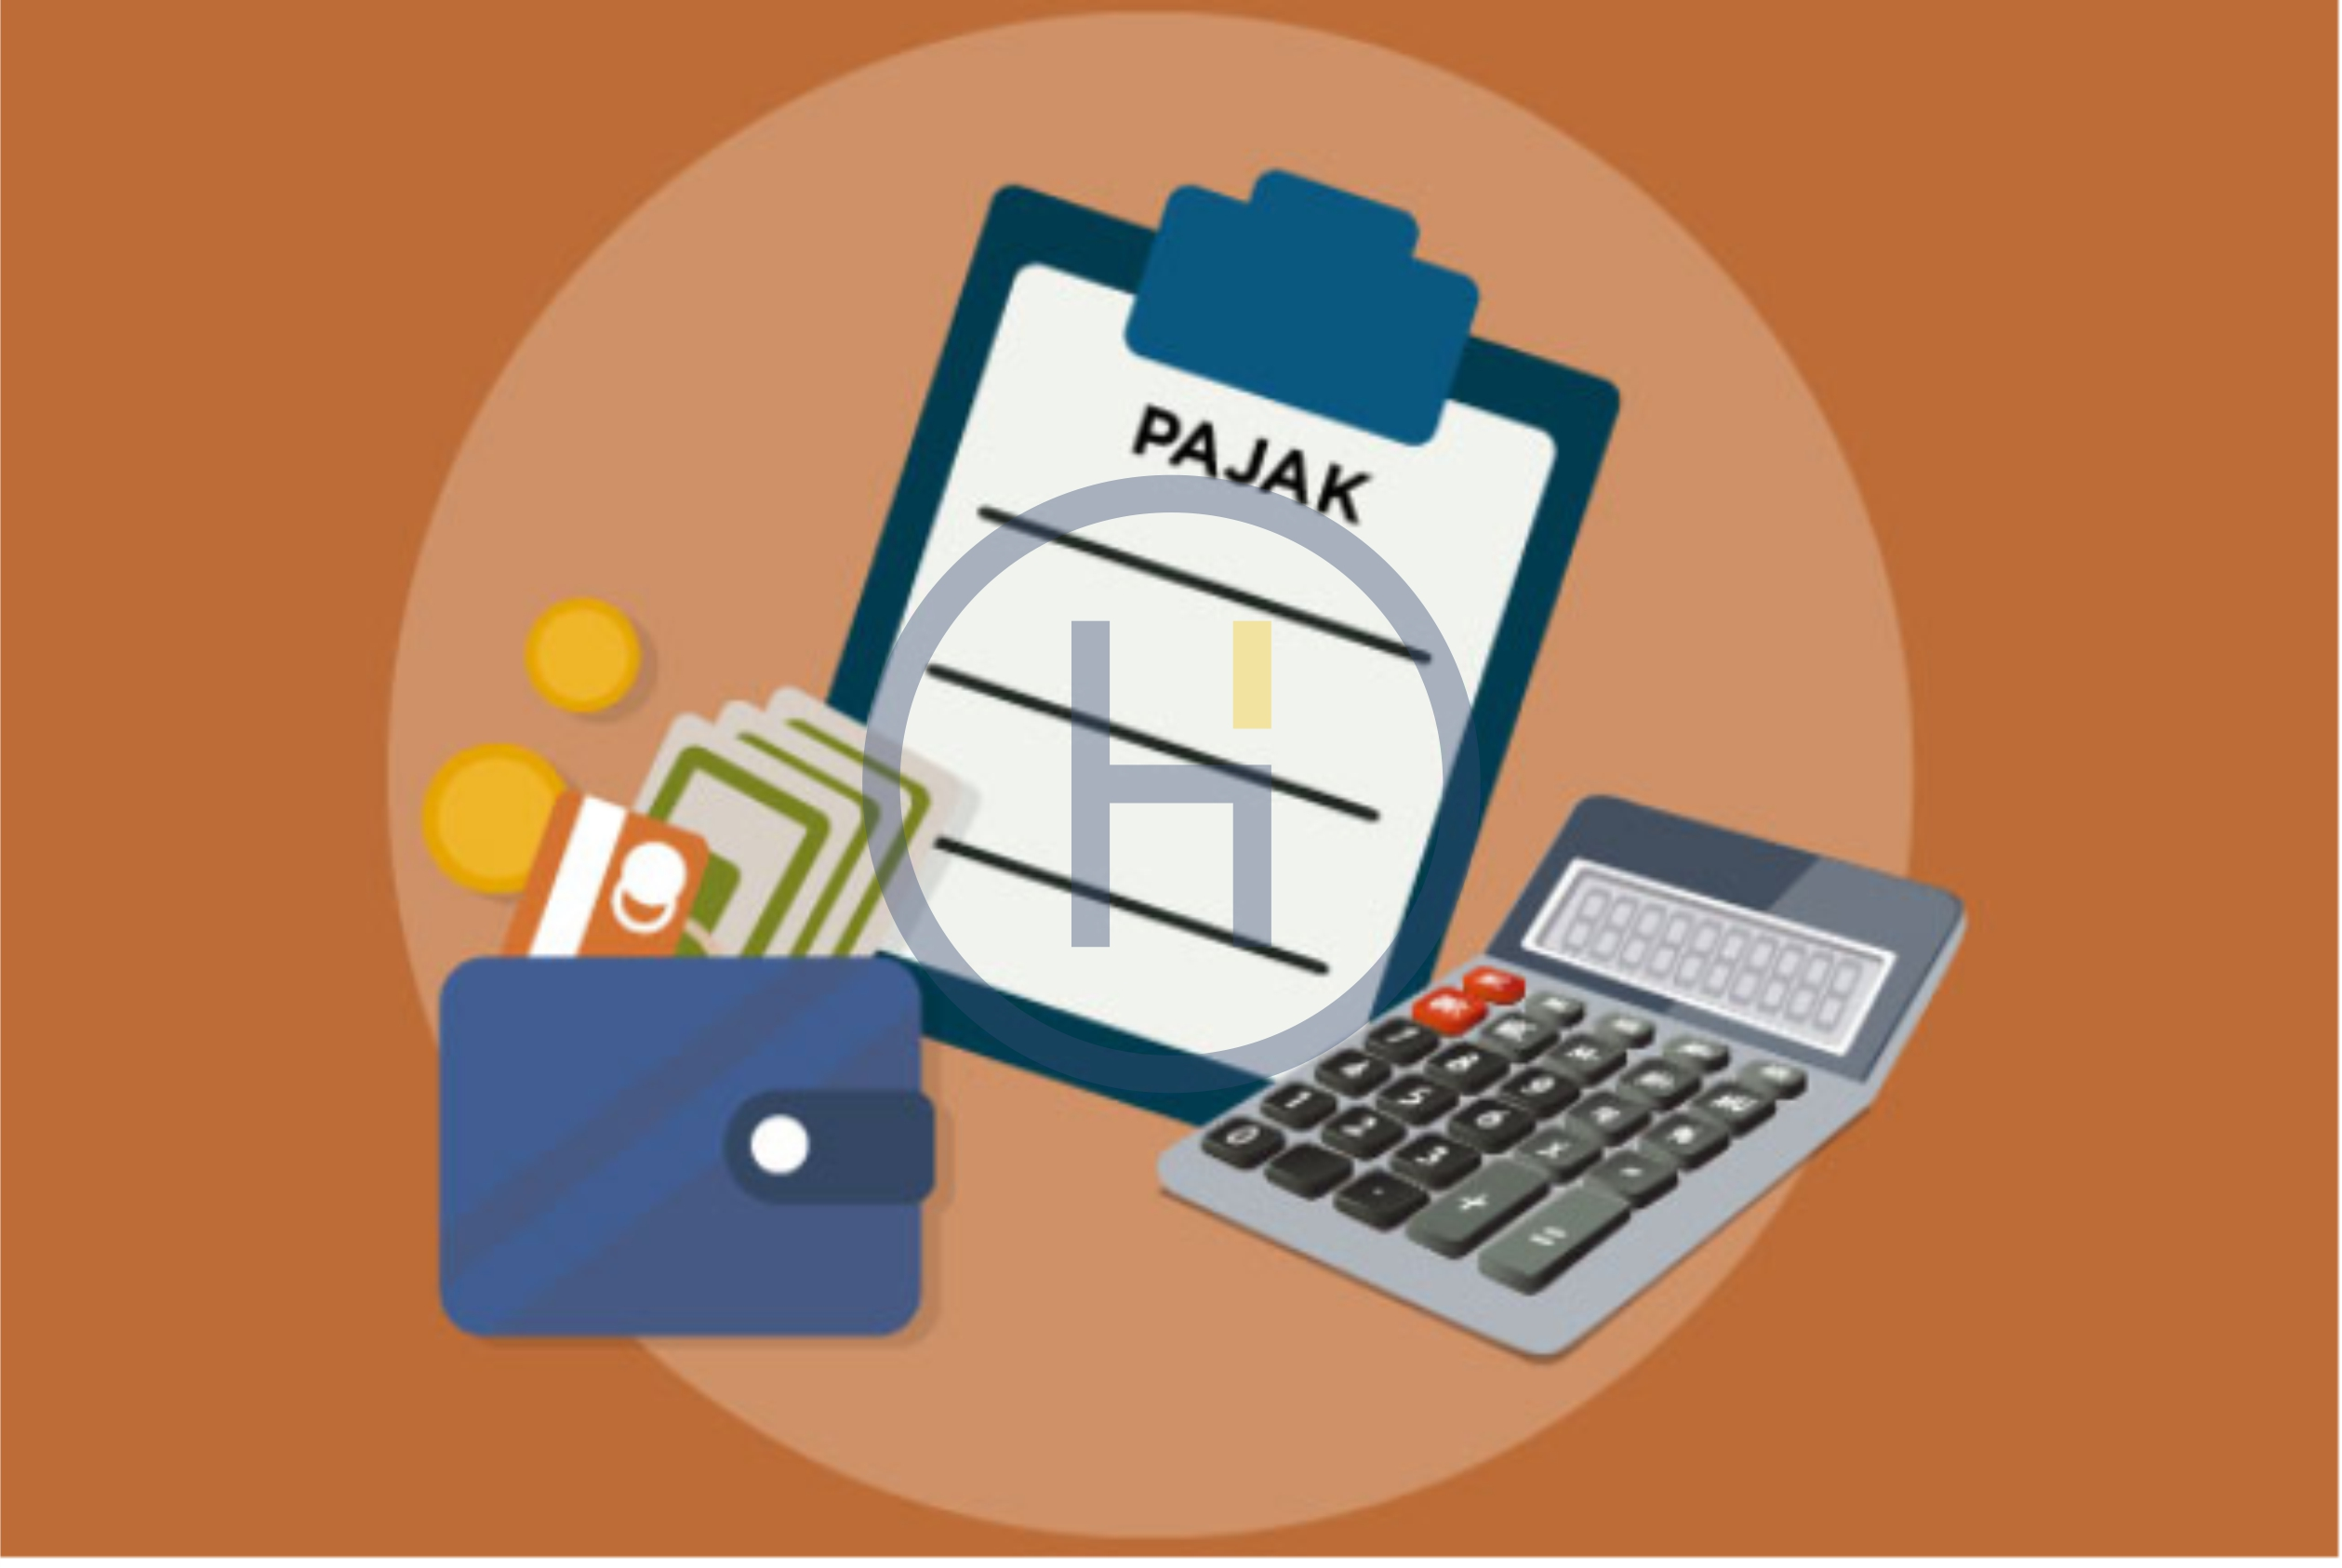 menteri-keuangan-tarik-pmk-ecommerce